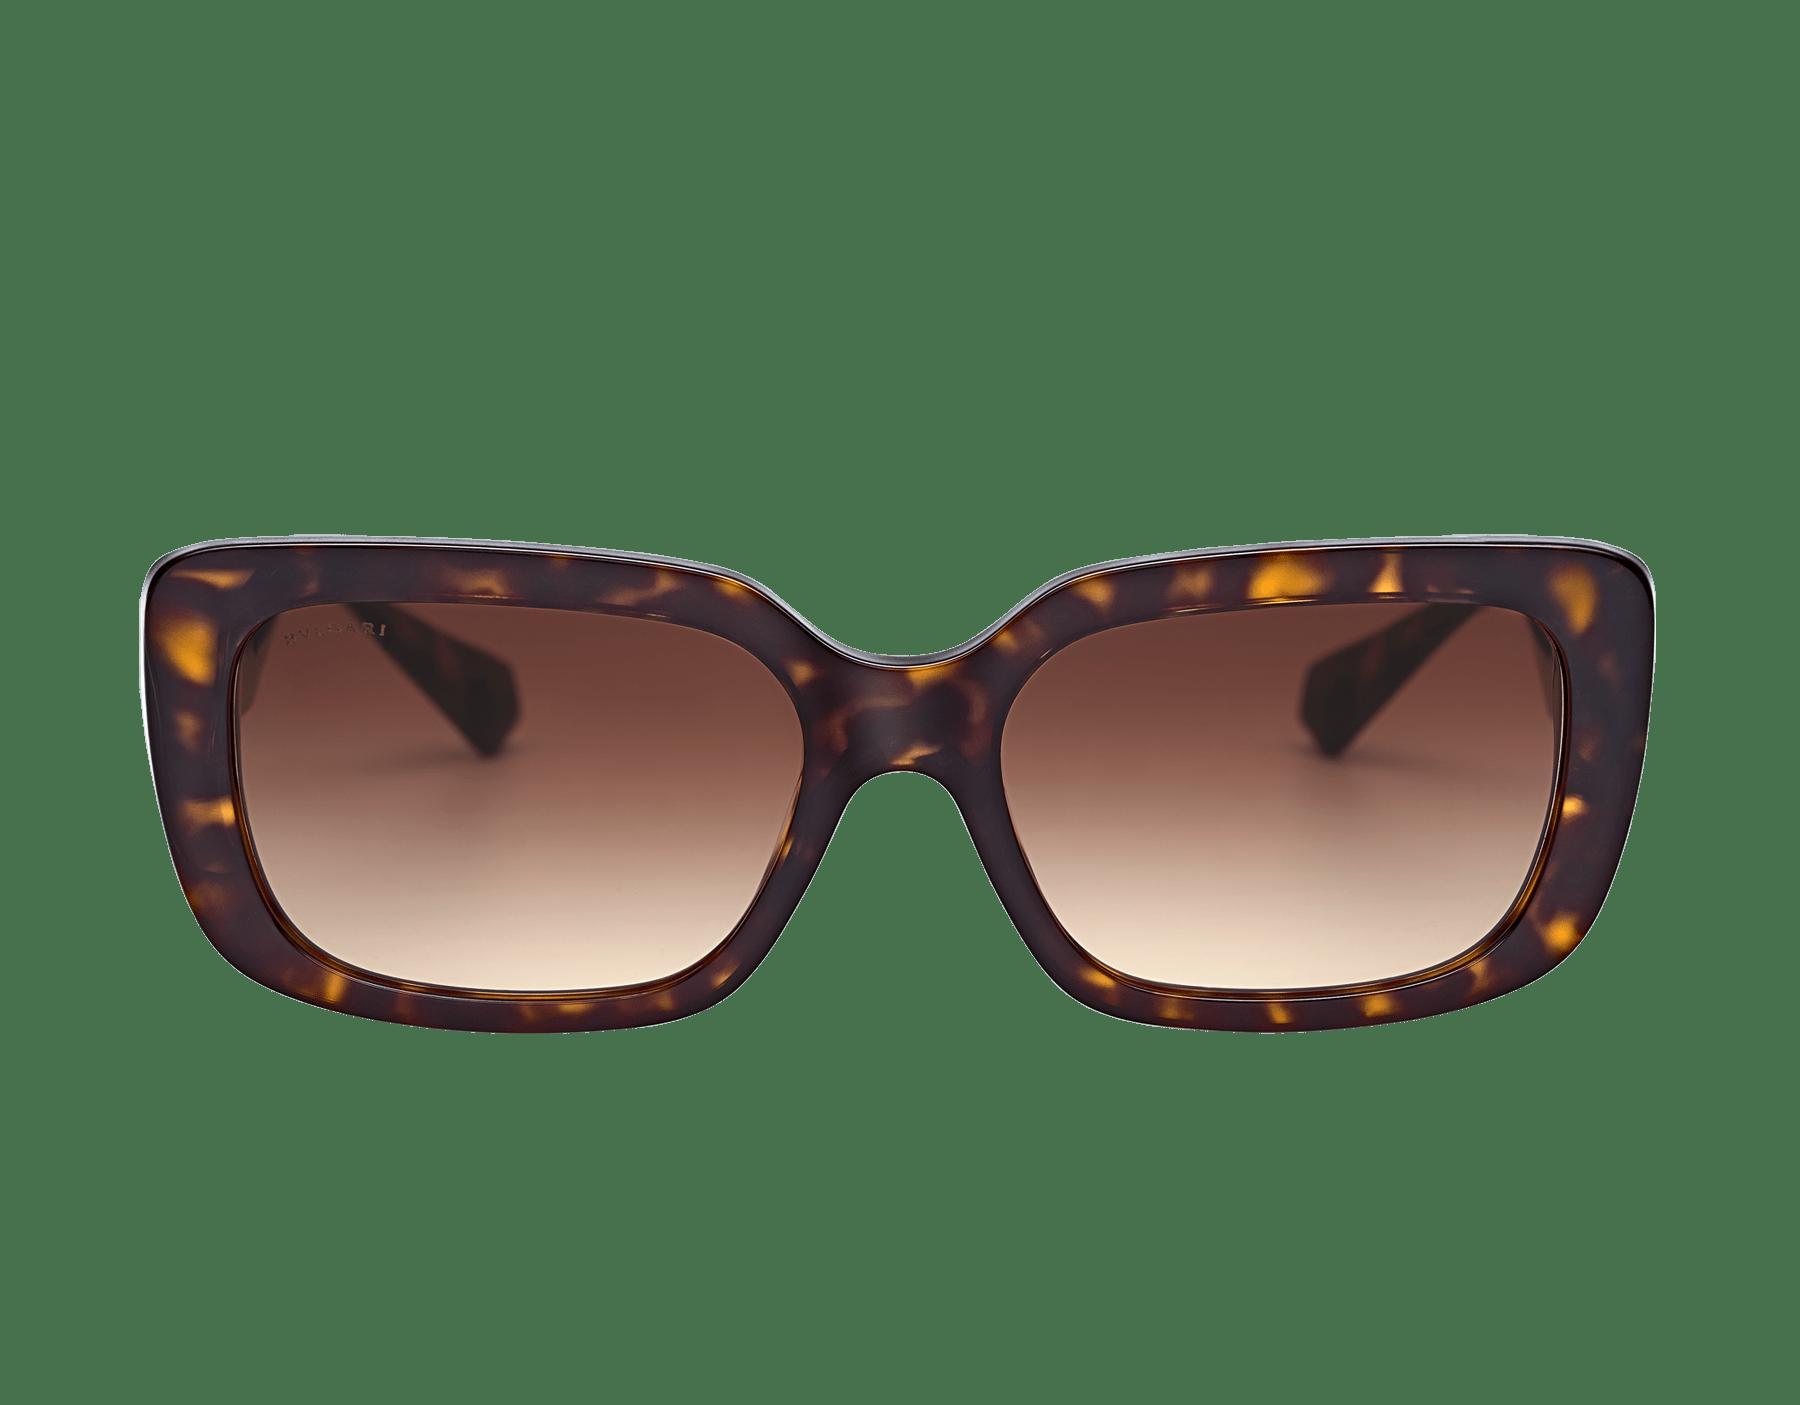 نظارات شمسية بولغري سيربنتيباك تو سكيل مستطيلة الشكل من الأسيتات. 903994 image 2